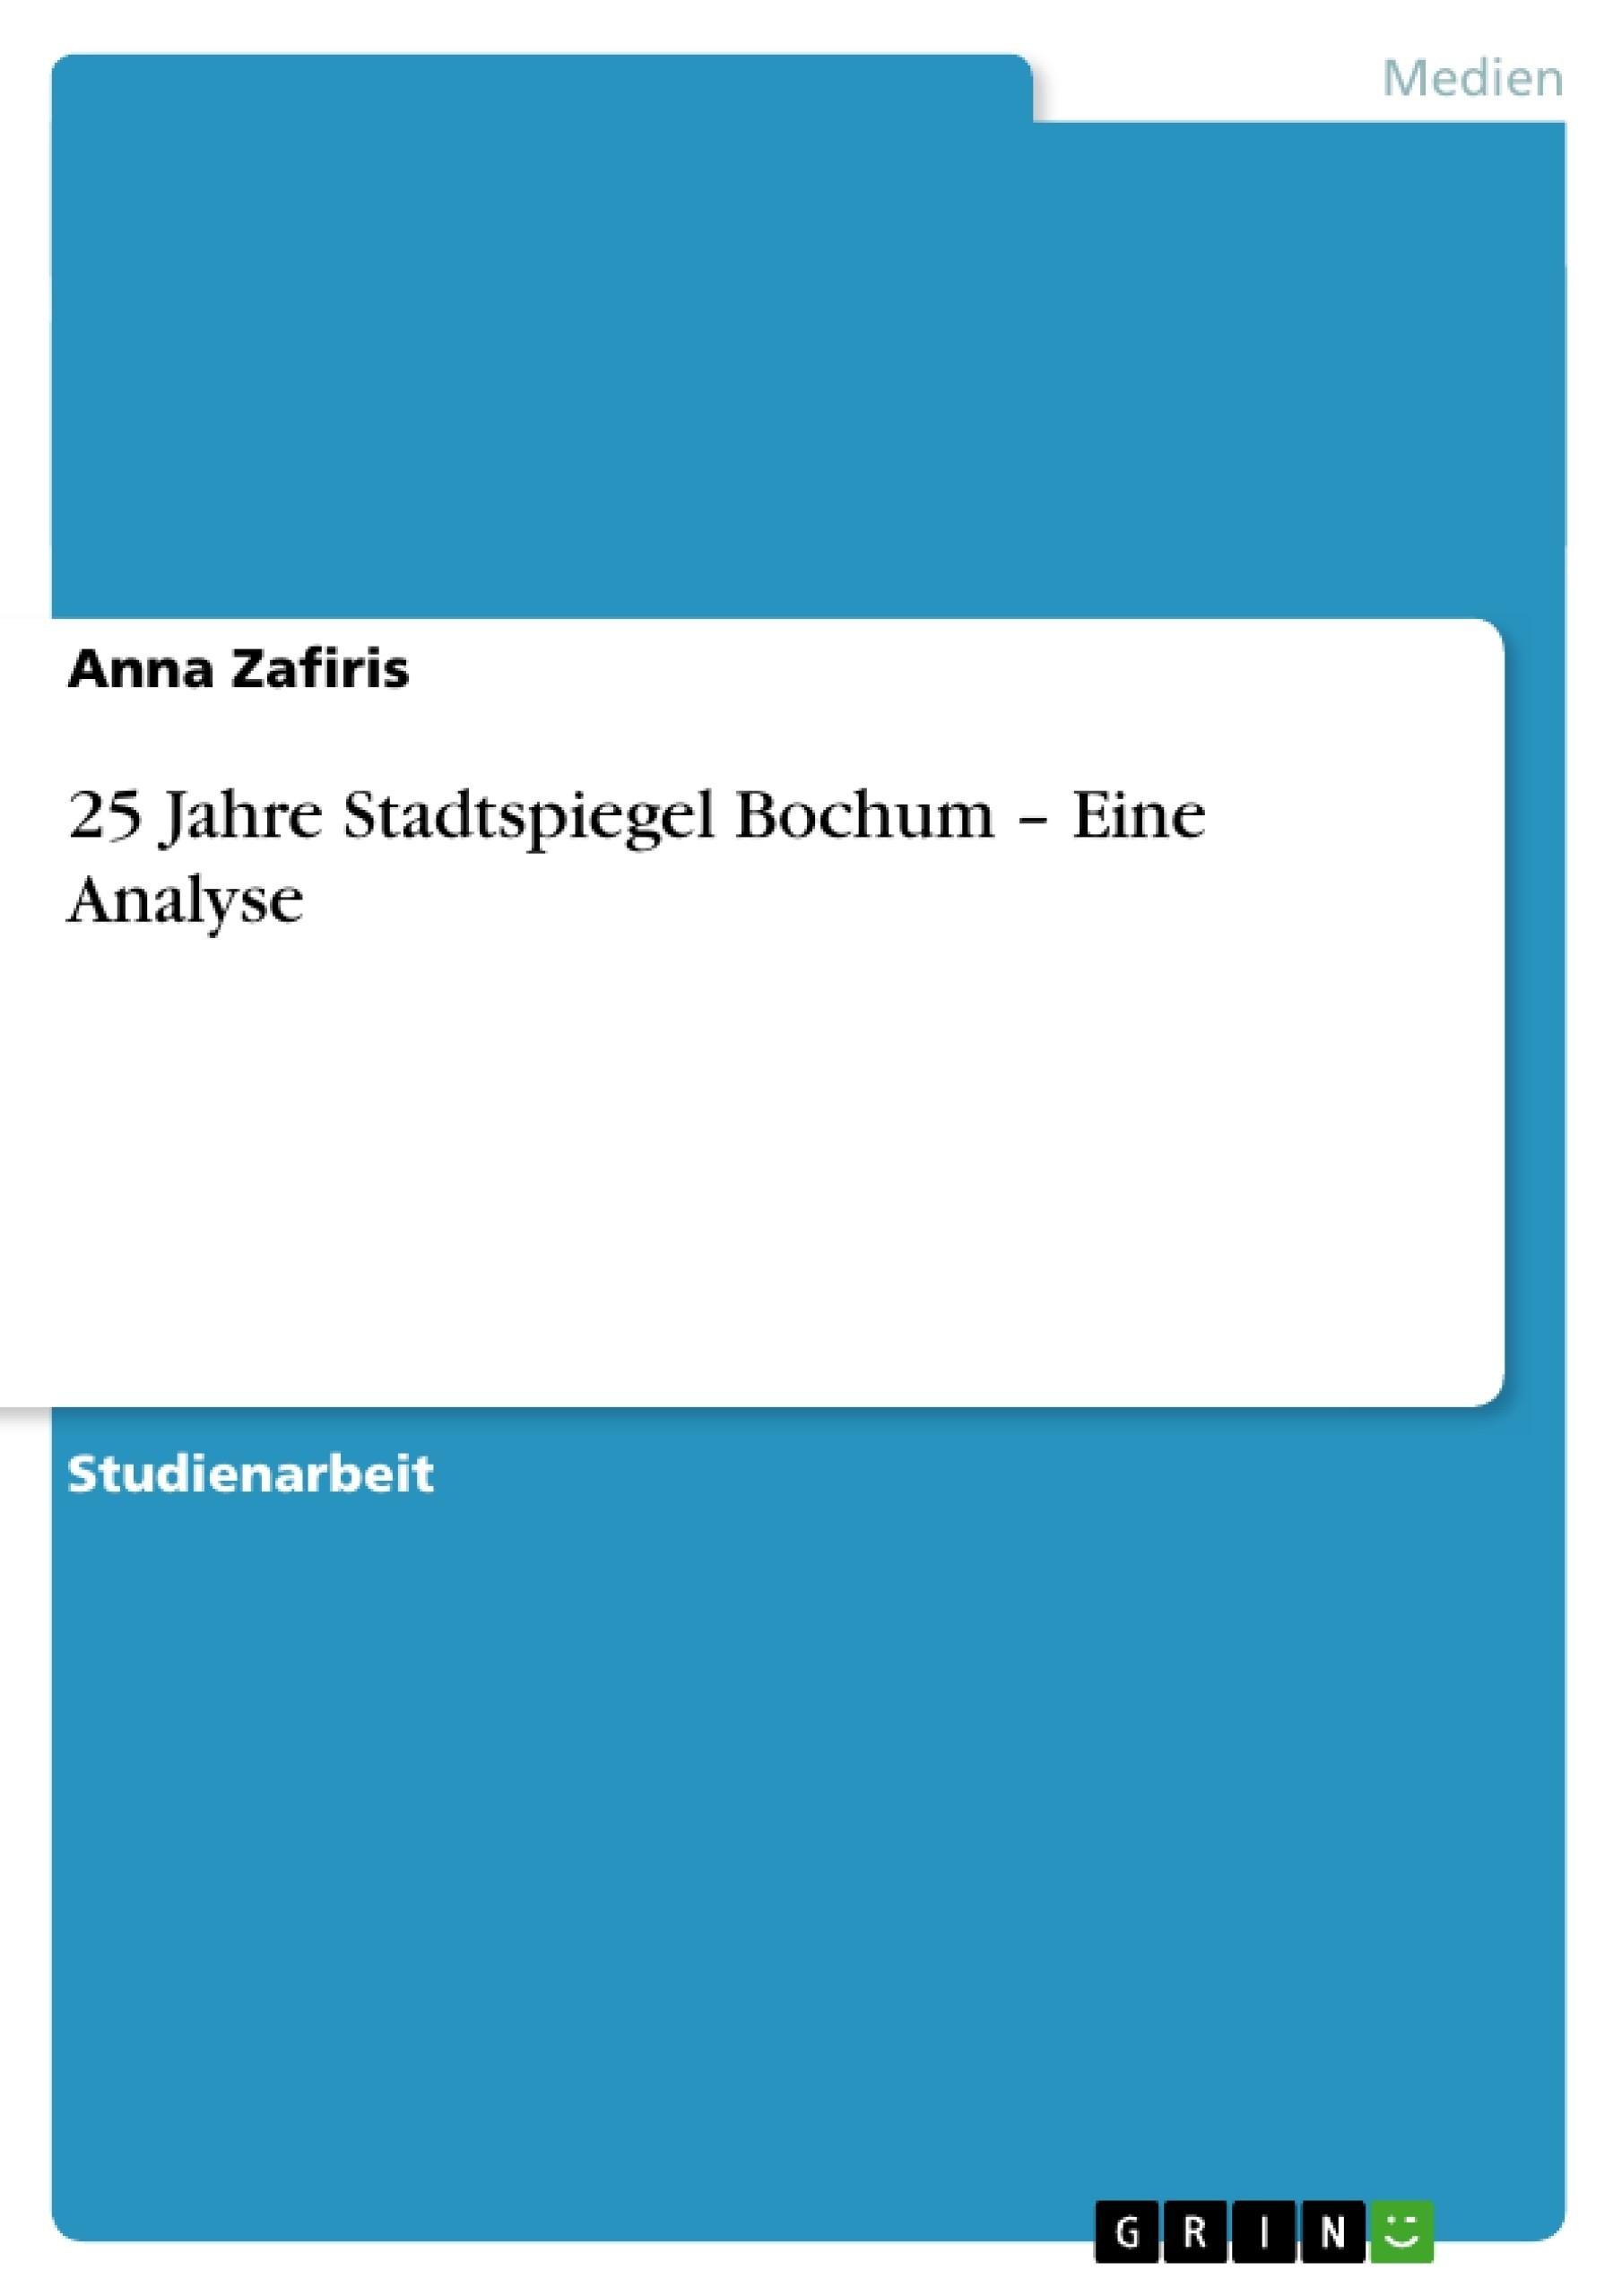 Titel: 25 Jahre Stadtspiegel Bochum – Eine Analyse